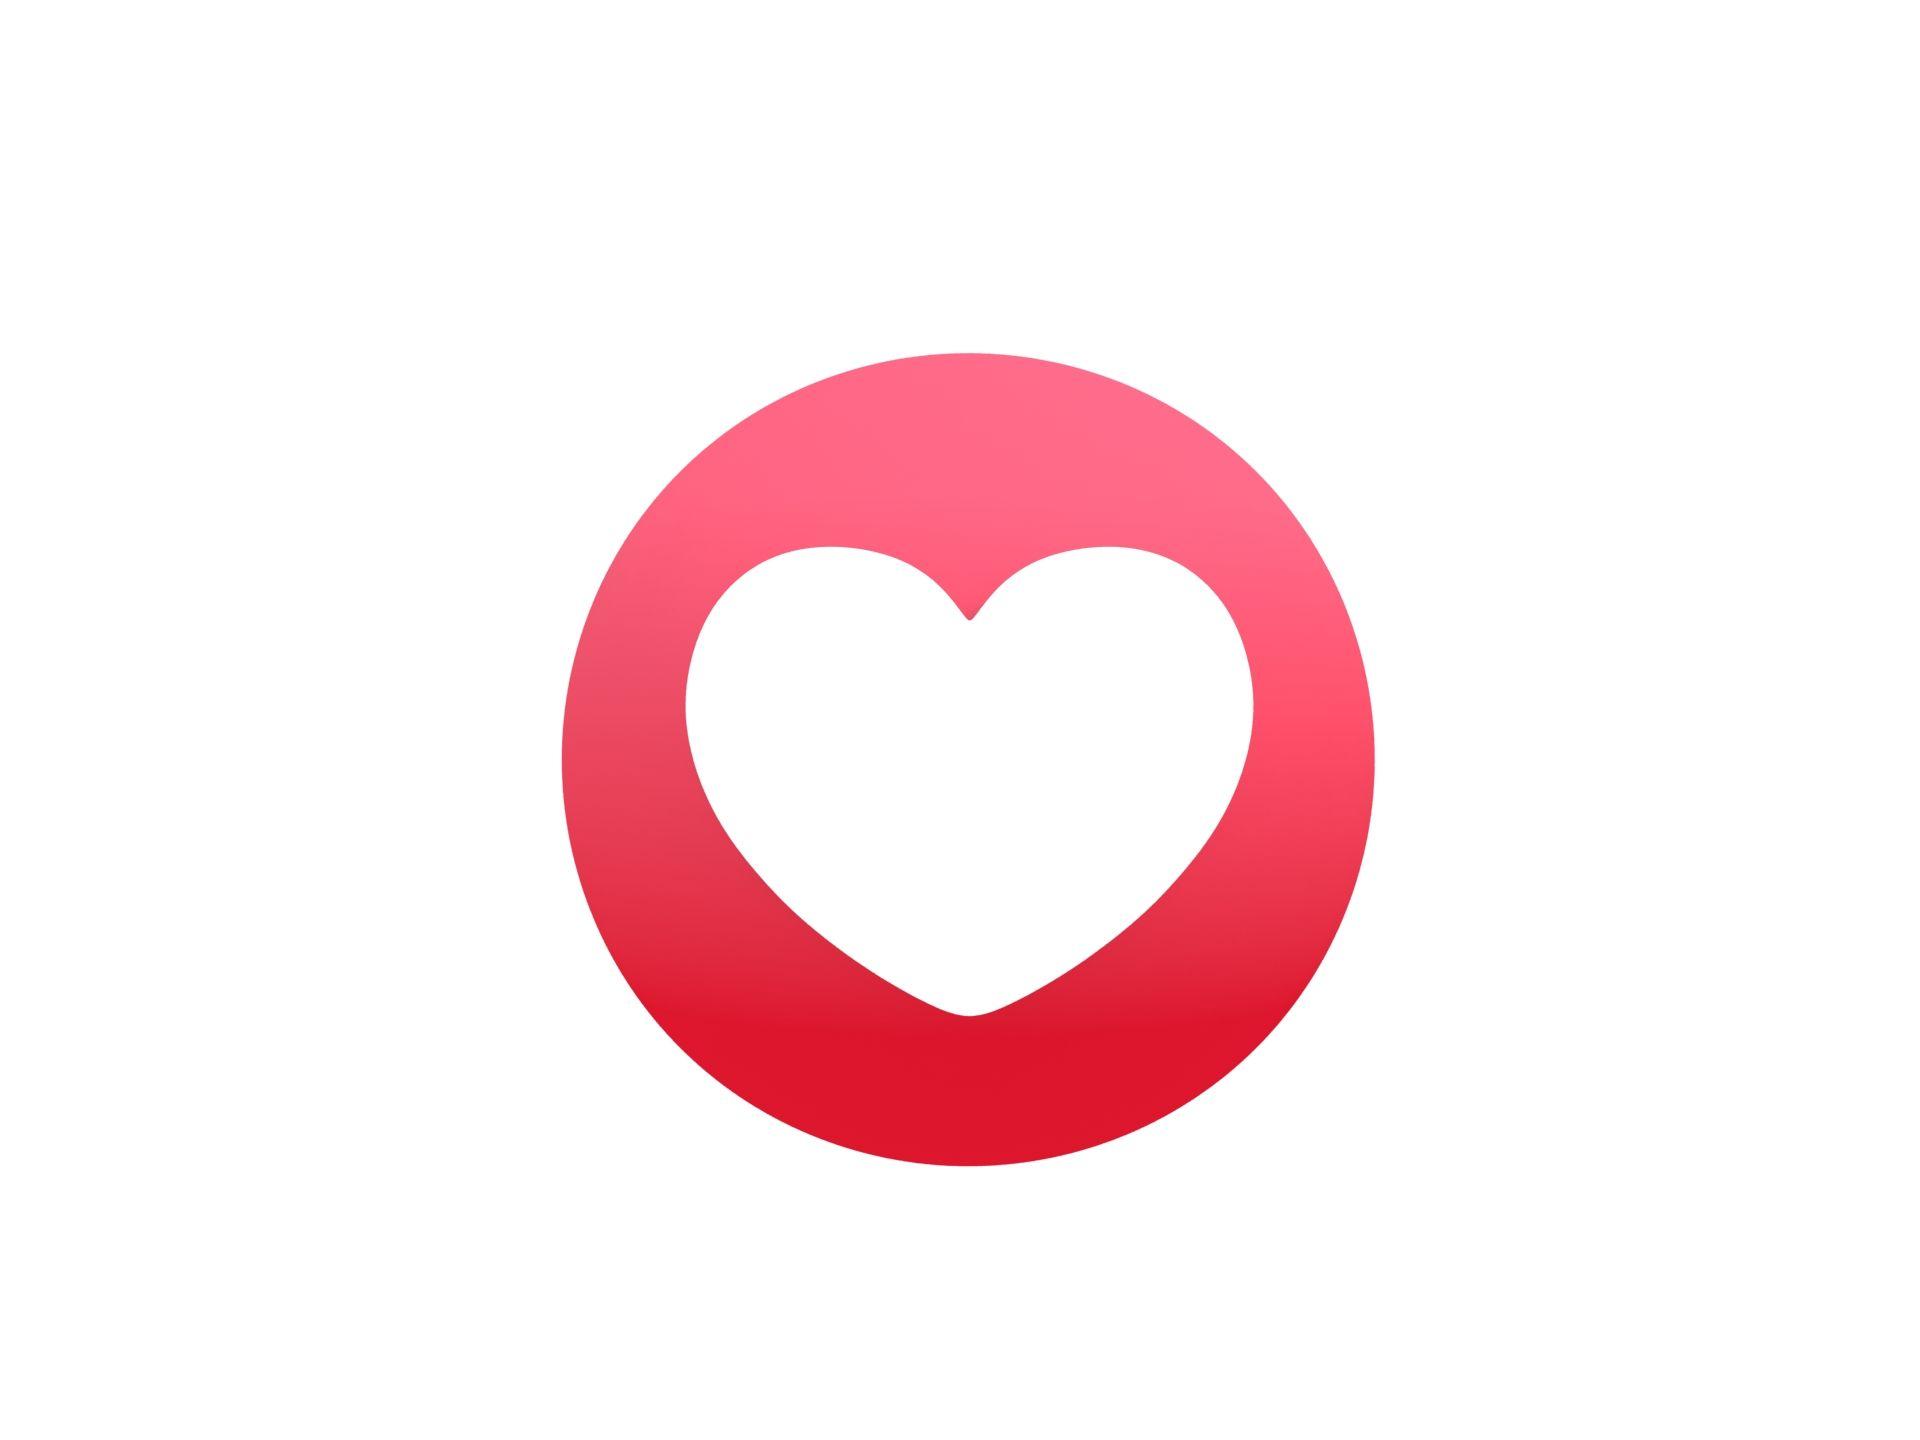 Animated Facebook Love Reaction Button Cartoon Styles Animation Illustration Design